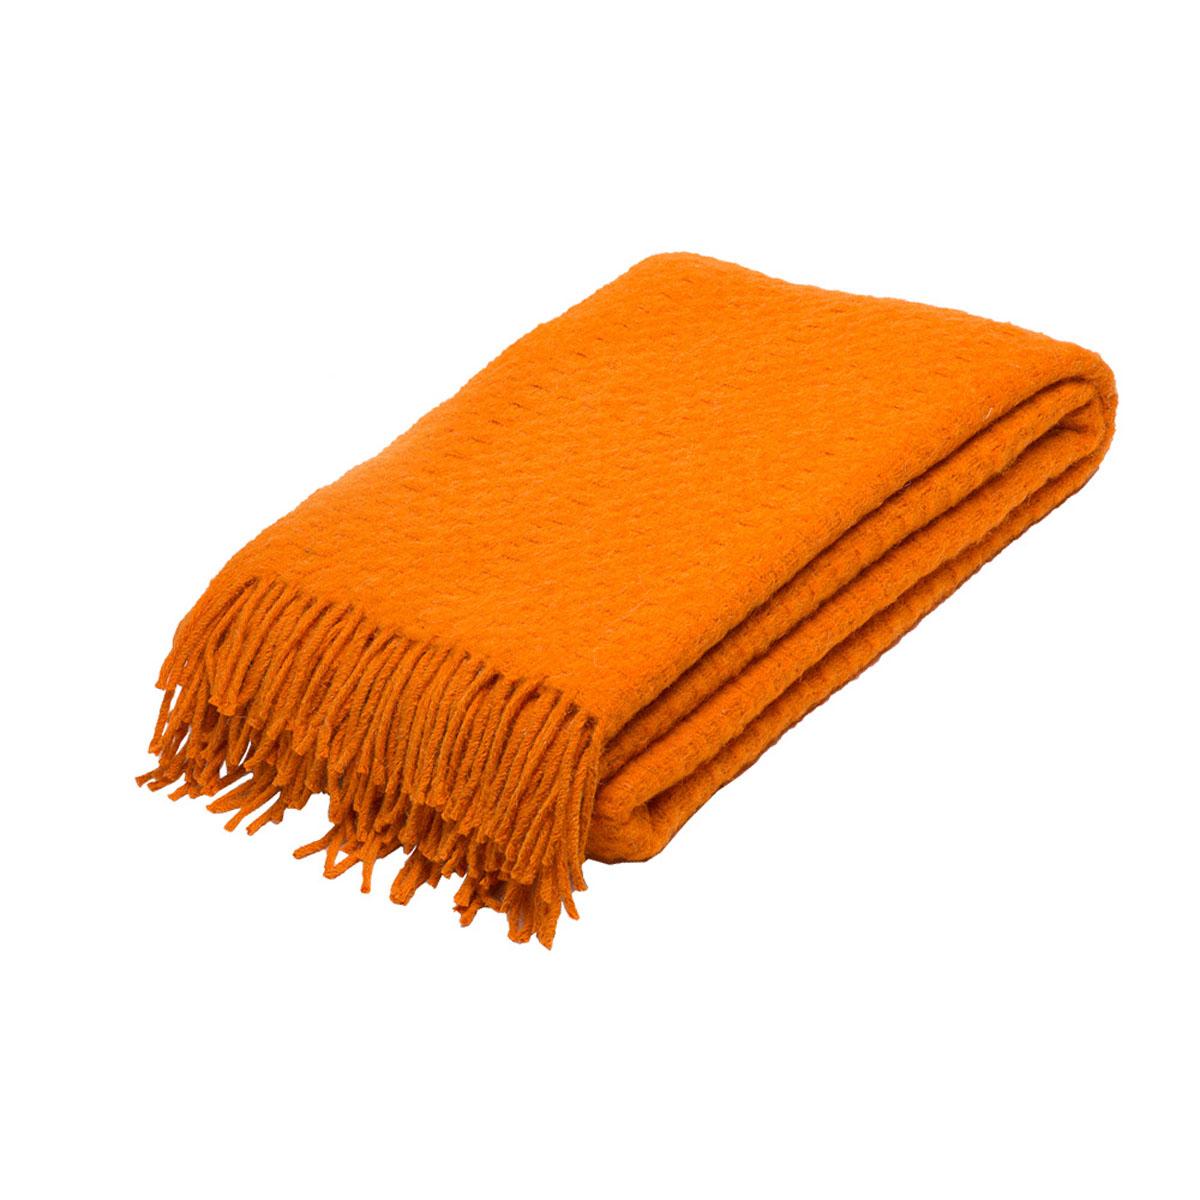 Плед Руно Estivo, цвет: оранжевый, 140 х 200 см. 1-511-140 (68)1-511-140 (68)Плед Руно Estivo гармонично впишется в интерьер вашего дома и создаст атмосферу уюта и комфорта. Чрезвычайно мягкий и теплый плед с кистями изготовлен из натуральной овечьей шерсти. Высочайшее качество материала гарантирует безопасность не только взрослых, но и самых маленьких членов семьи. Плед - это такой подарок, который будет всегда актуален, особенно для ваших родных и близких, ведь вы дарите им частичку своего тепла!